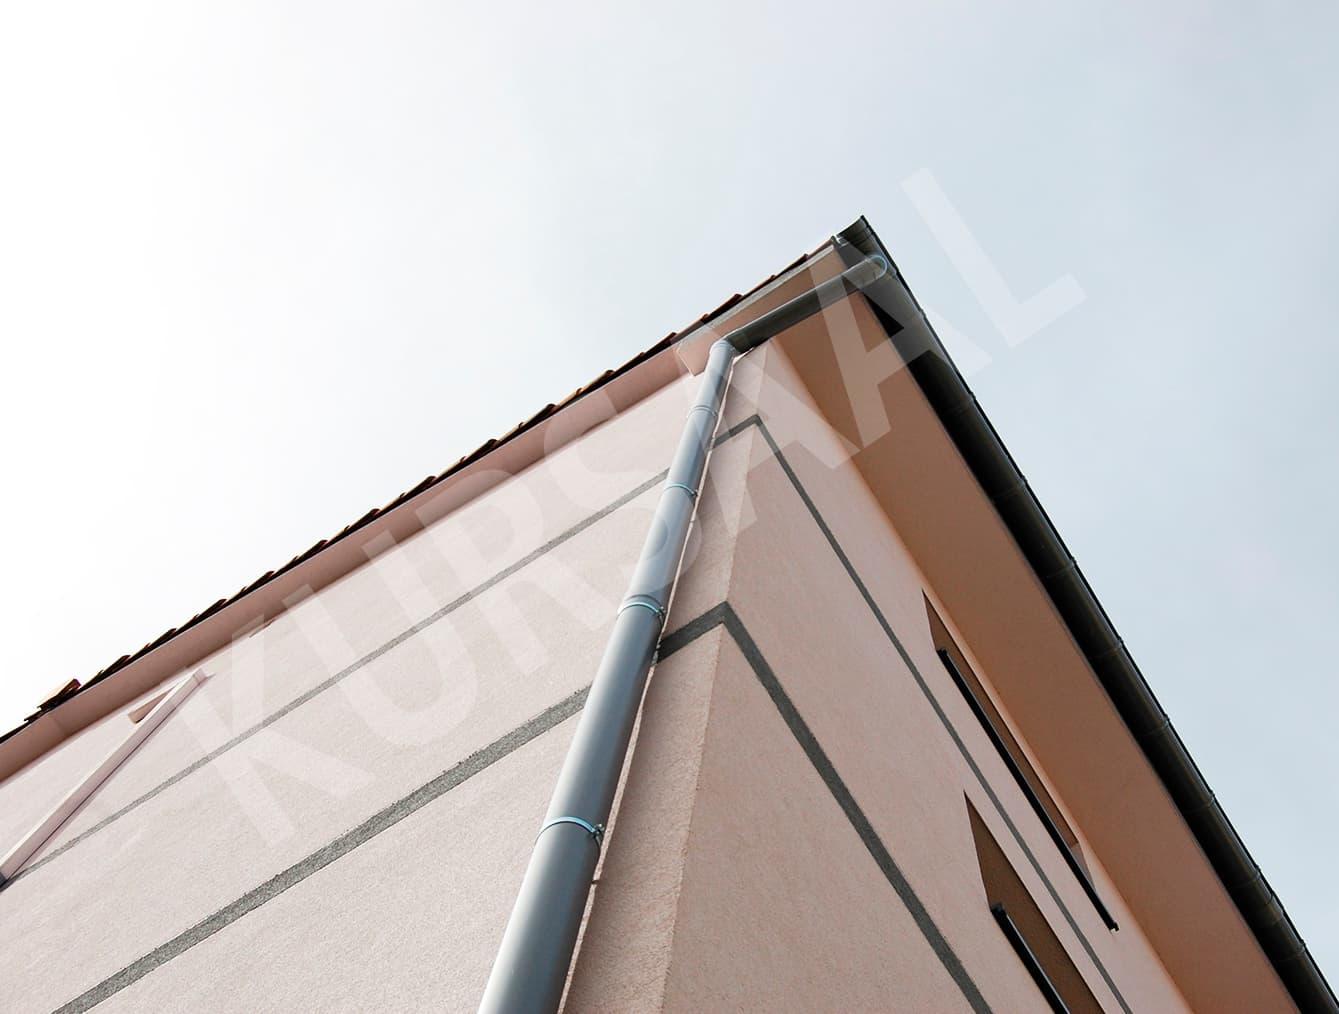 foto 10 - Aislamientos Térmicos y Eficiencia Energética-Zarategi 37-DONOSTIA, GIPUZKOA